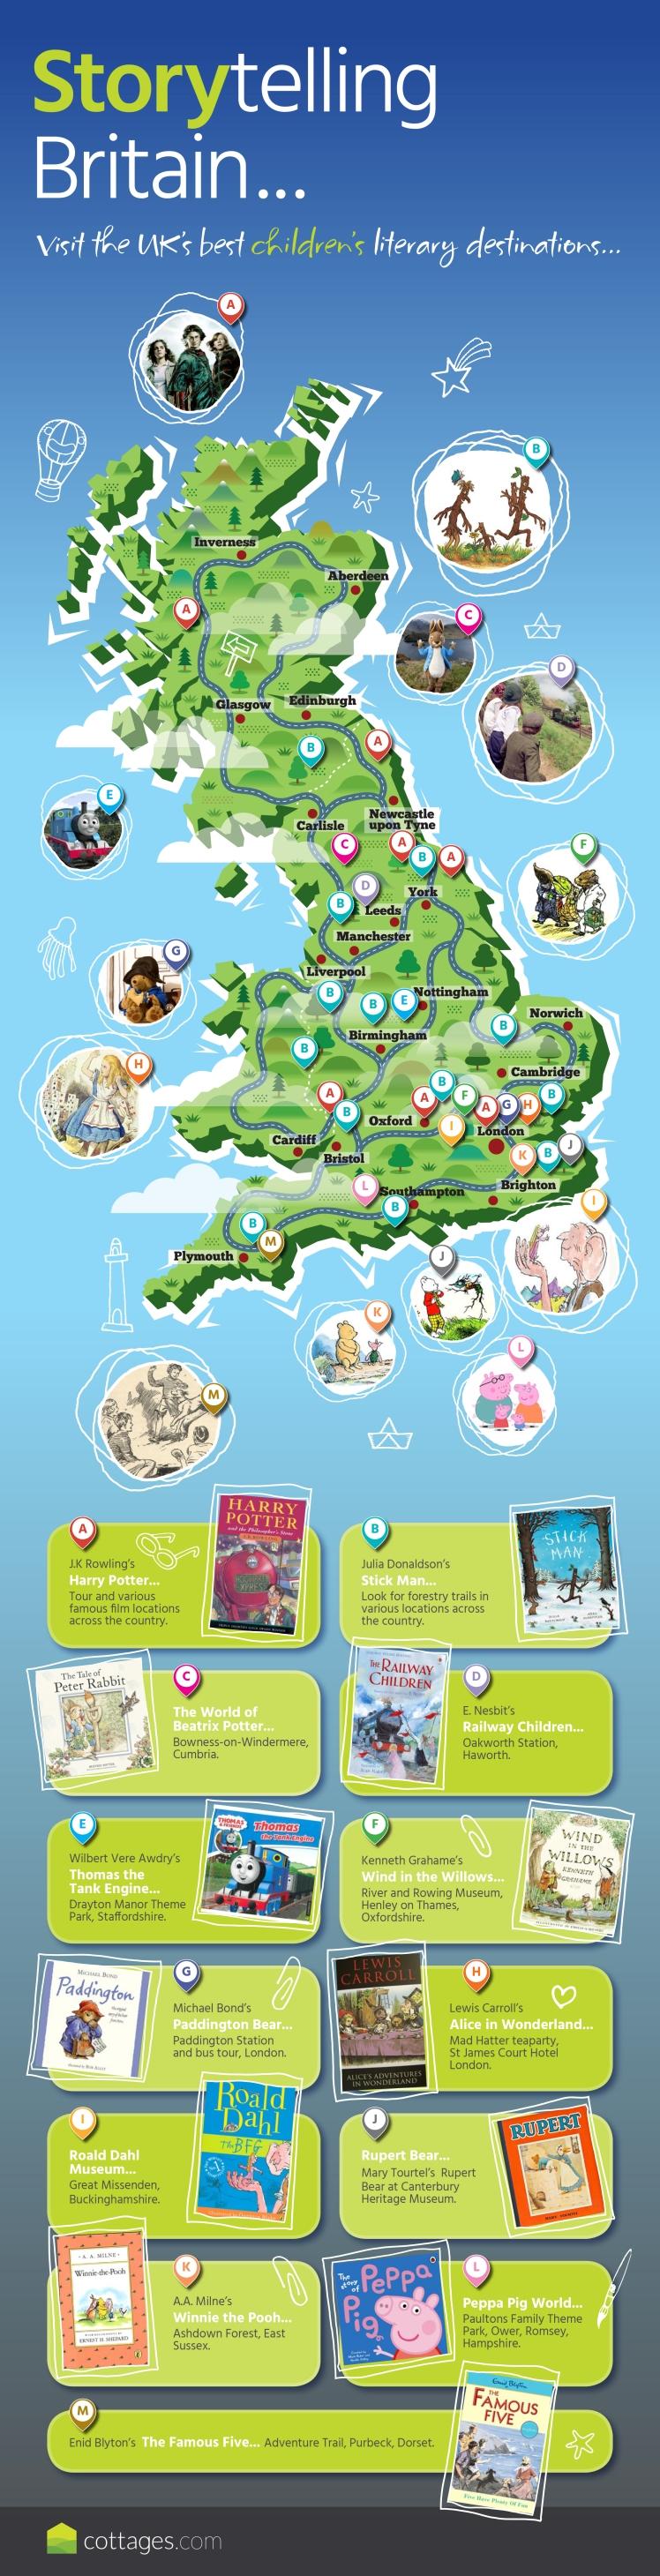 cdc-storytelling-infographic-v2_am